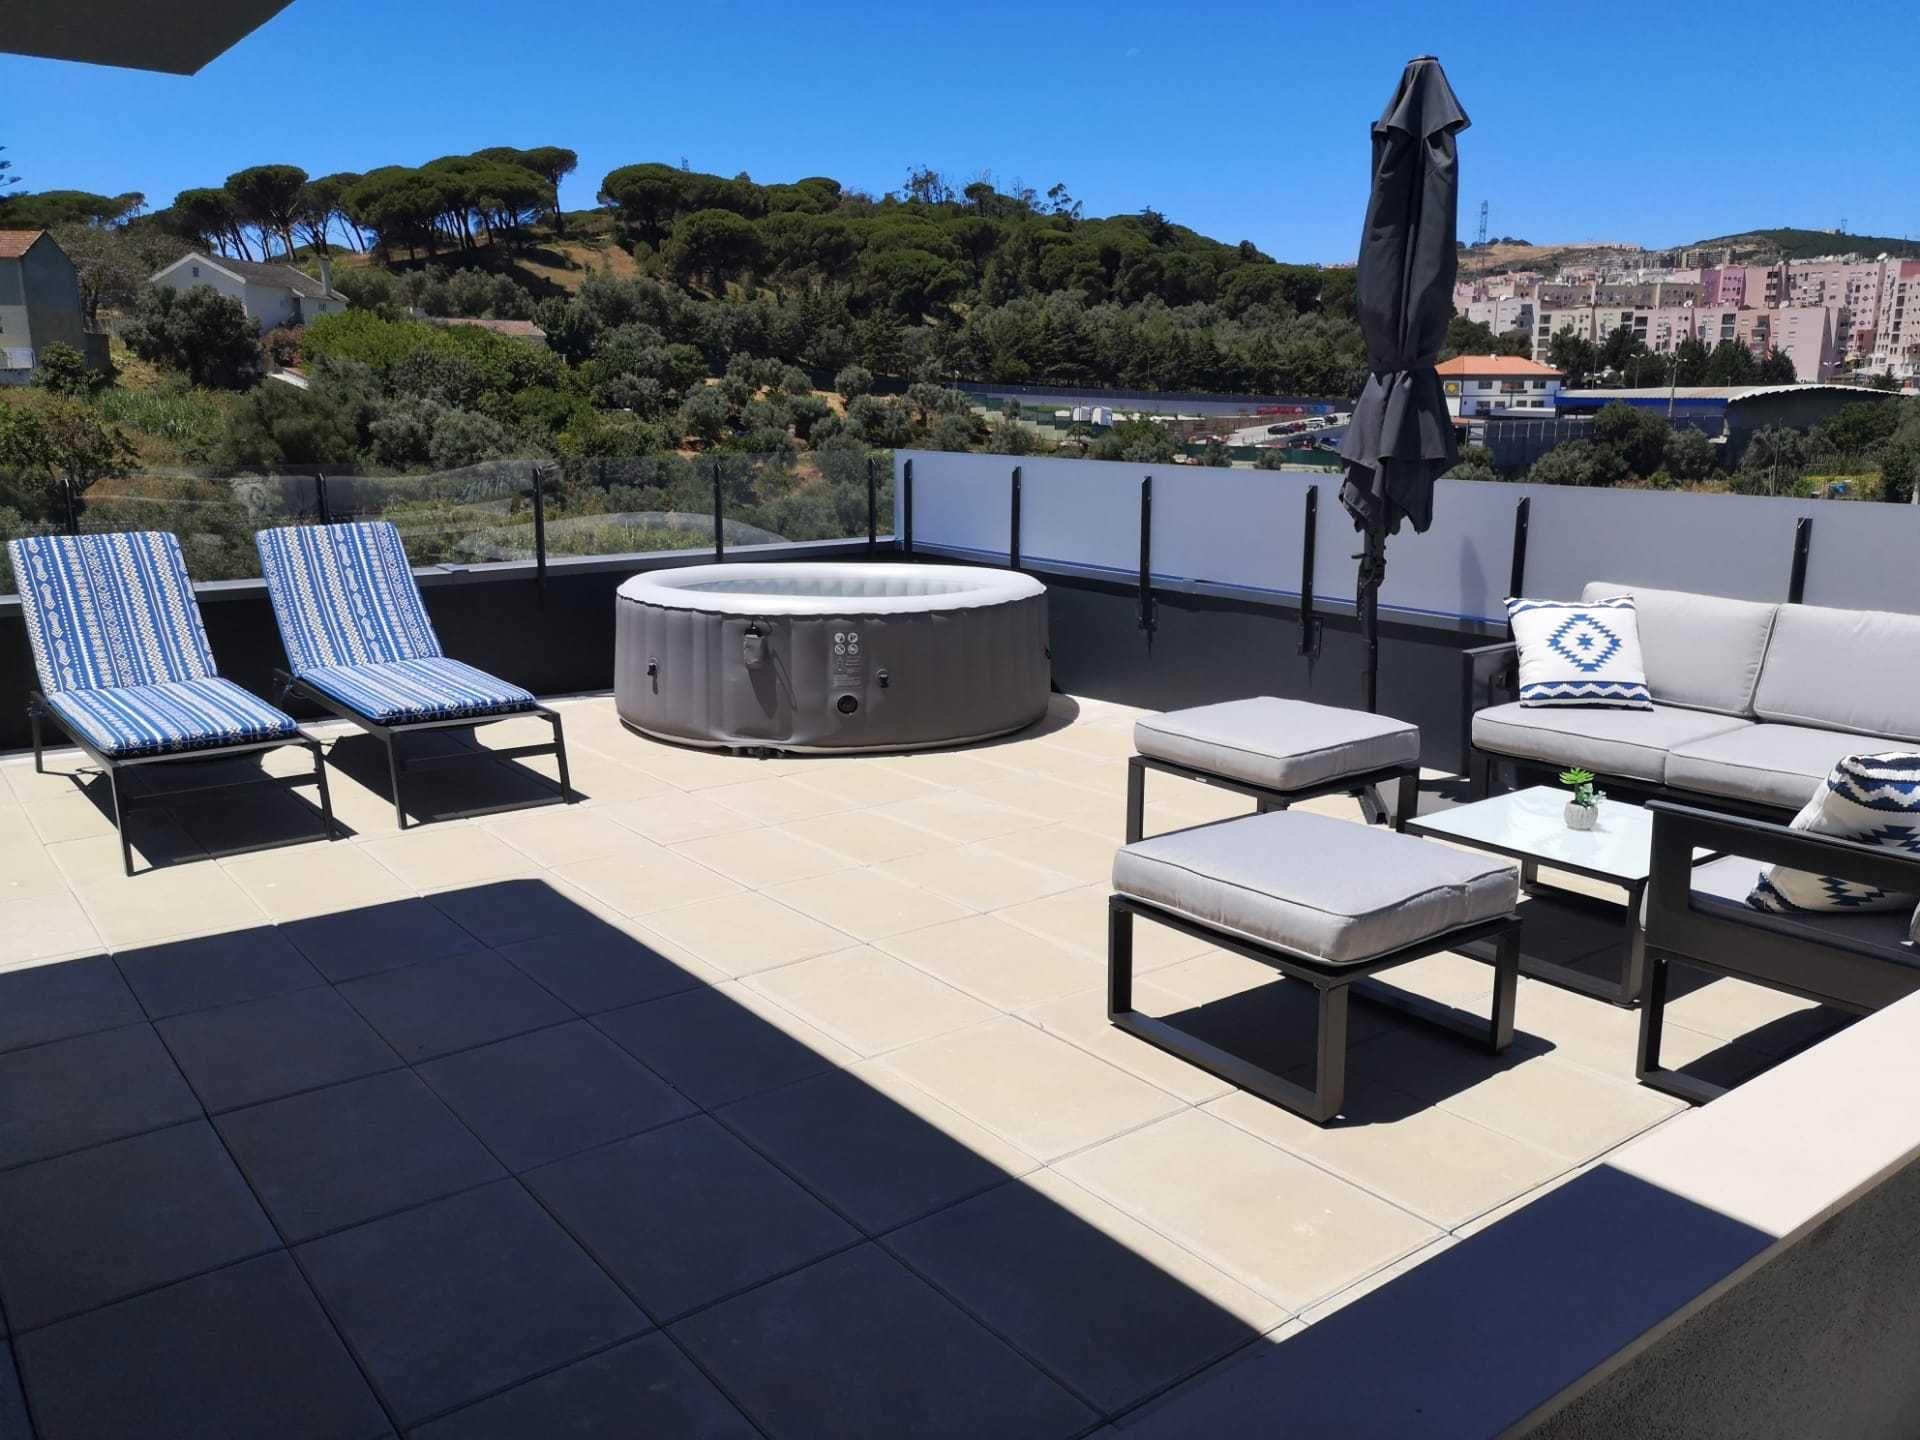 T3 + 1 Odivelas - Casais da Serra excelente terraço e garagem